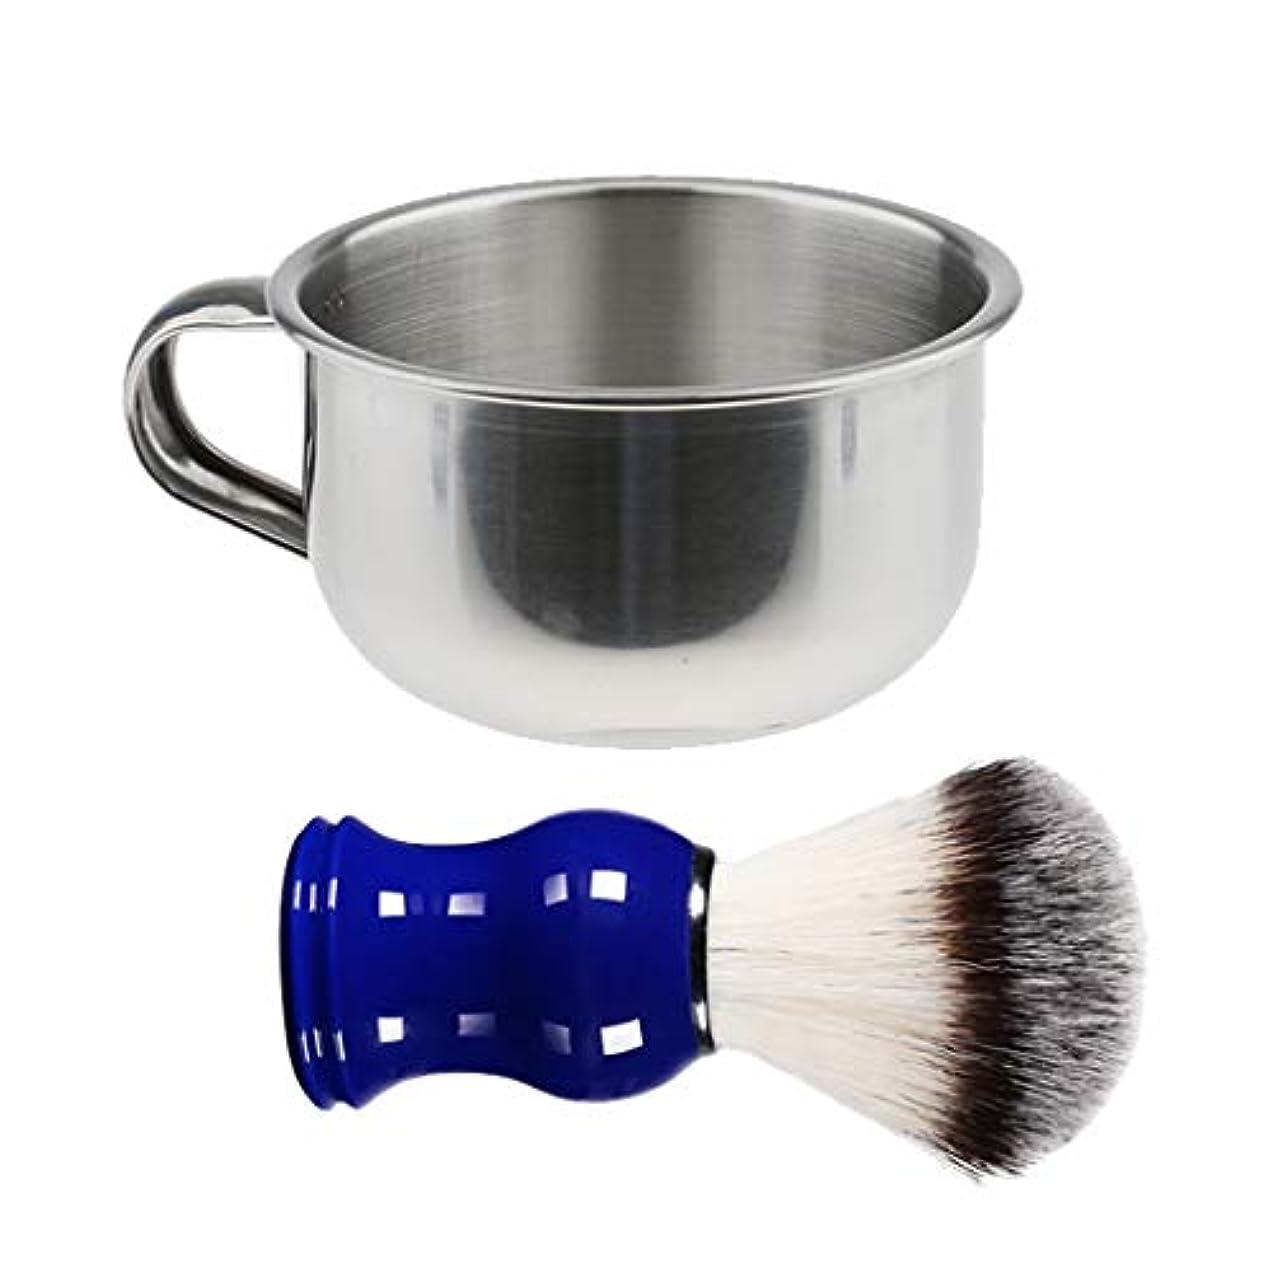 流産農場文庫本Hellery シェービングボウル ステンレス製 シェービング用ブラシ 理容 洗顔 髭剃り メンズ アクセサリー